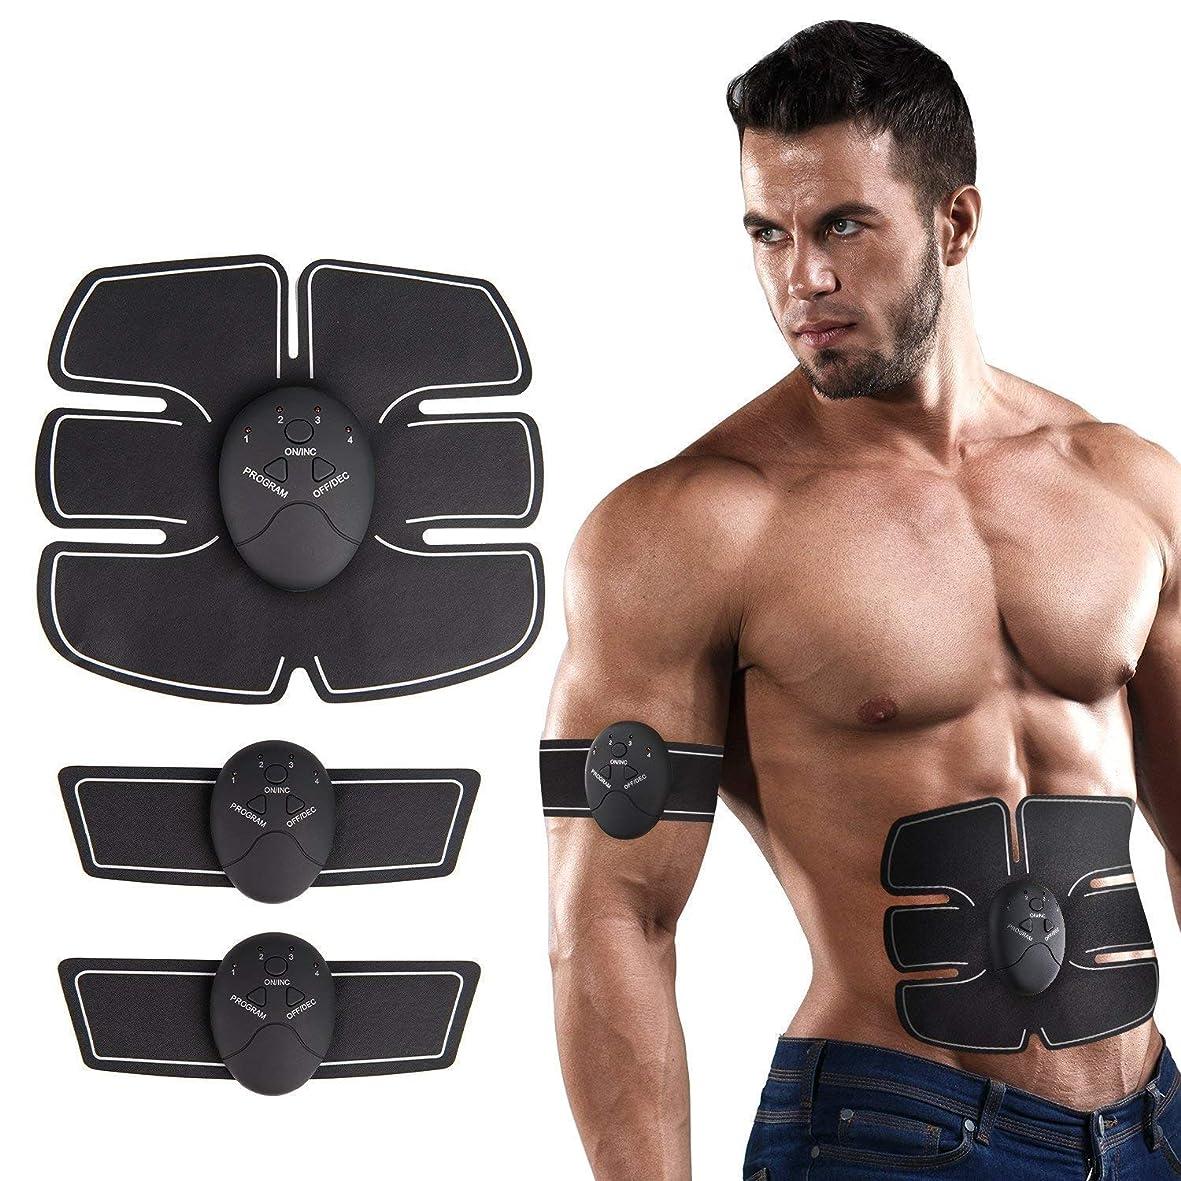 大脳進化する軽蔑フィットネス腹筋トレーナーEMS筋刺激剤筋トナー腹筋マッサージ器、家庭用ユニセックスUSB充電腹部/腕/脚重量を減らすためのトレーニング腹筋トレーニング